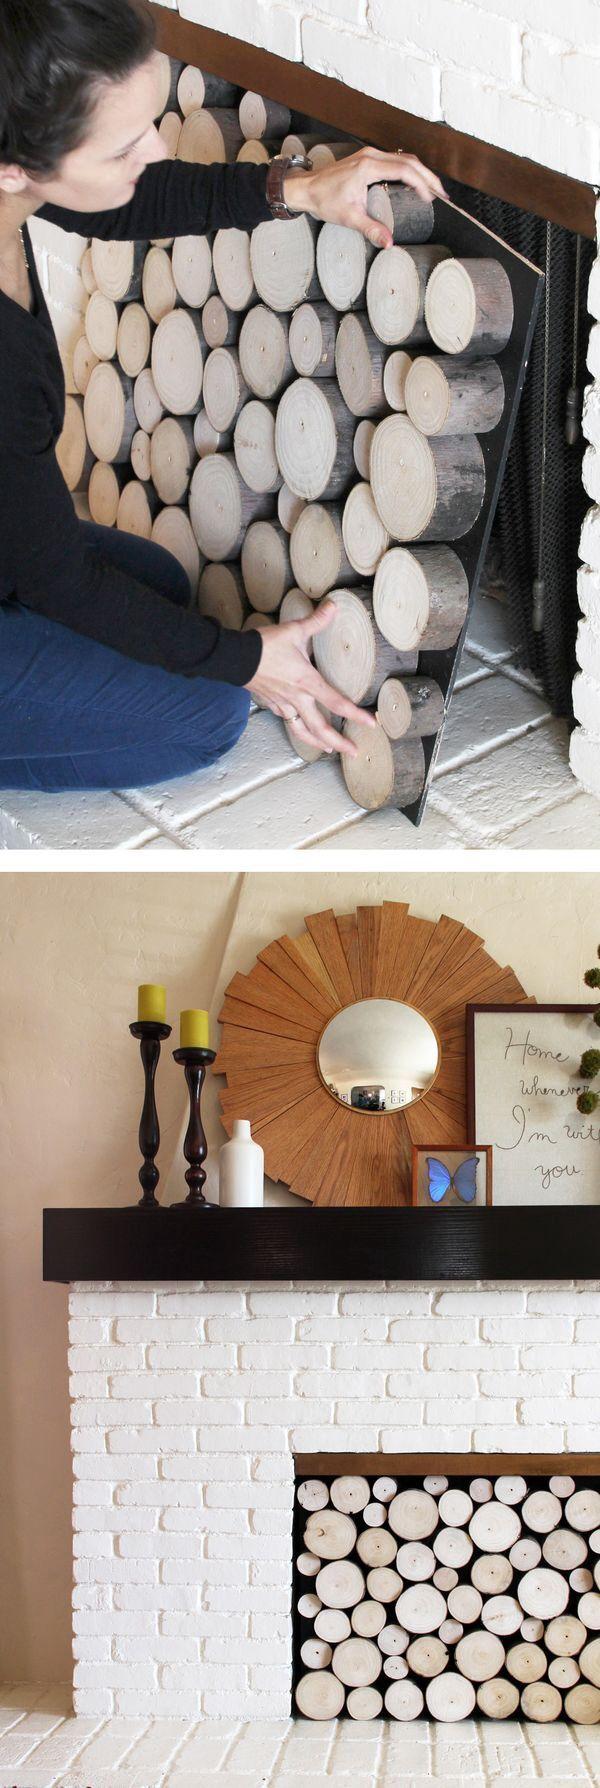 Meer dan 1000 idee n over open haard boekenkast op pinterest openhaard muur openhaard - Meubelontwerp ...